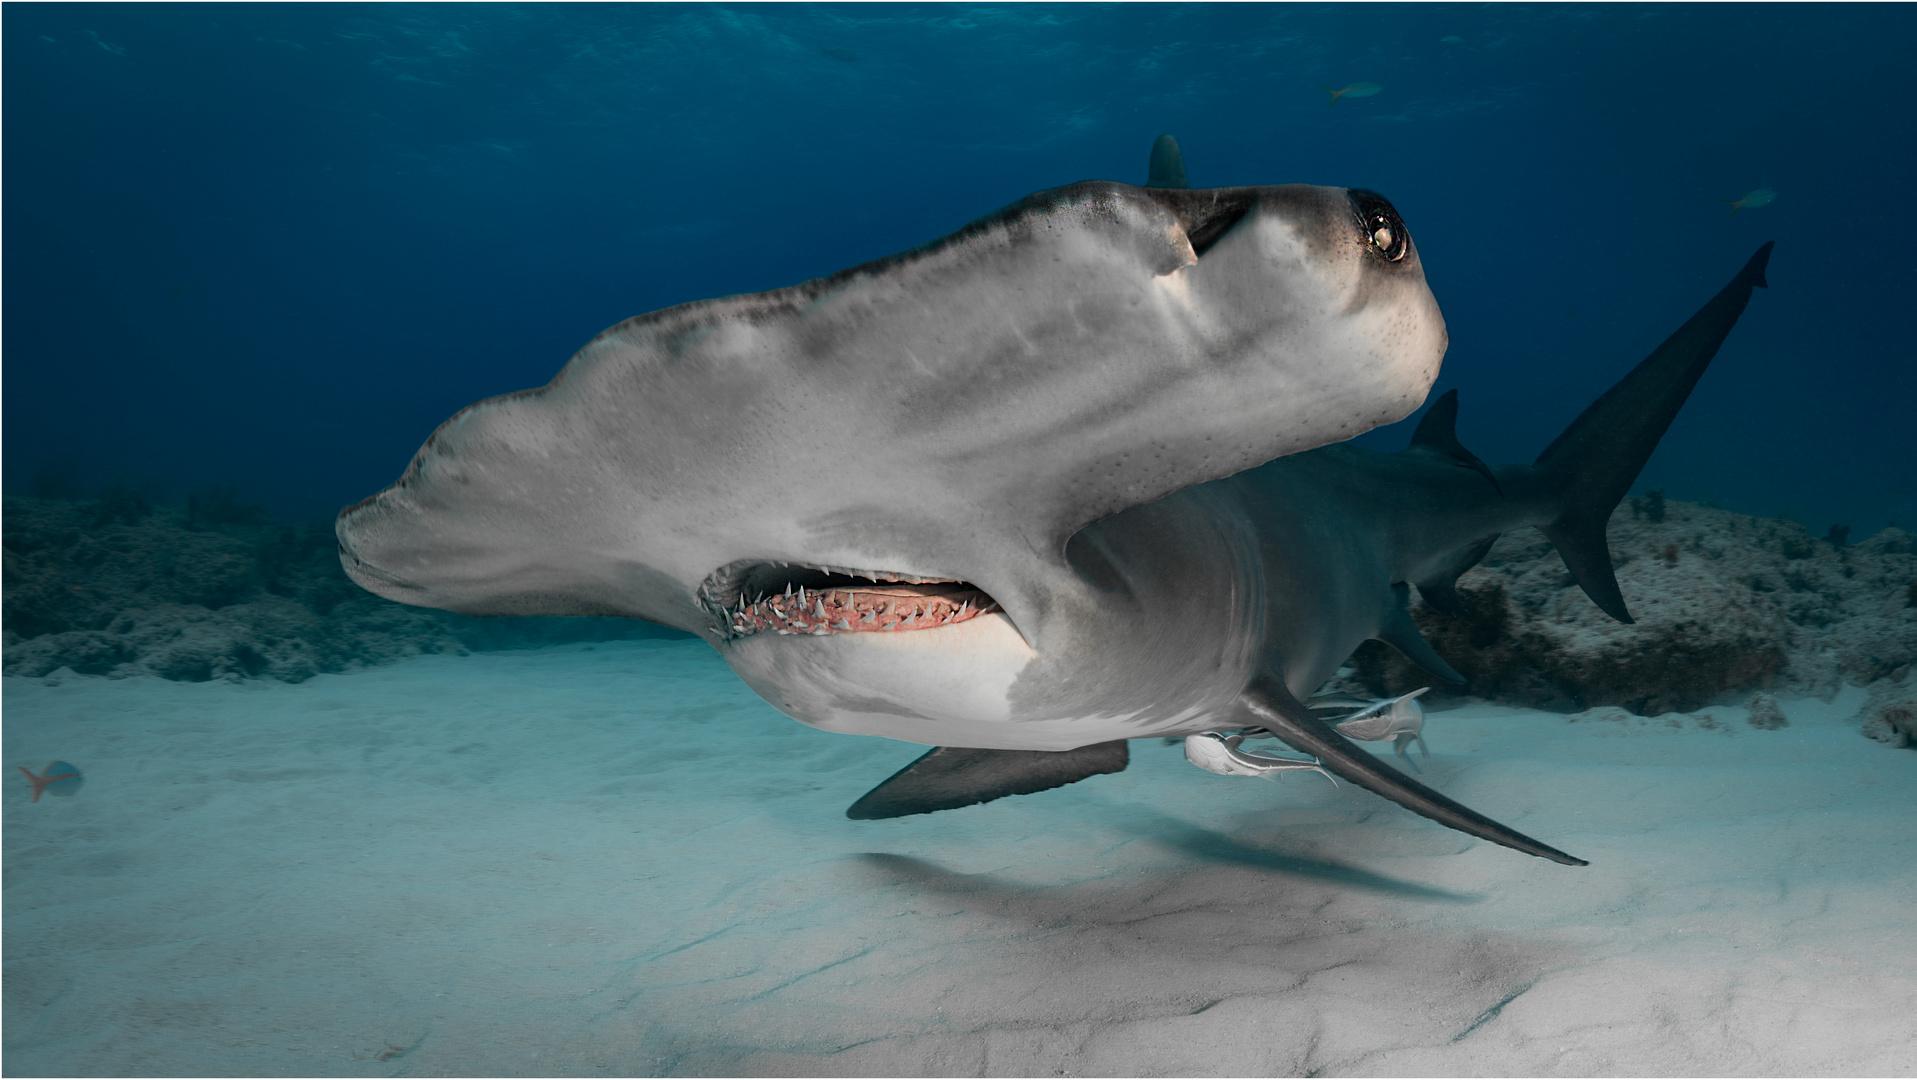 Ein Hammer-Hai